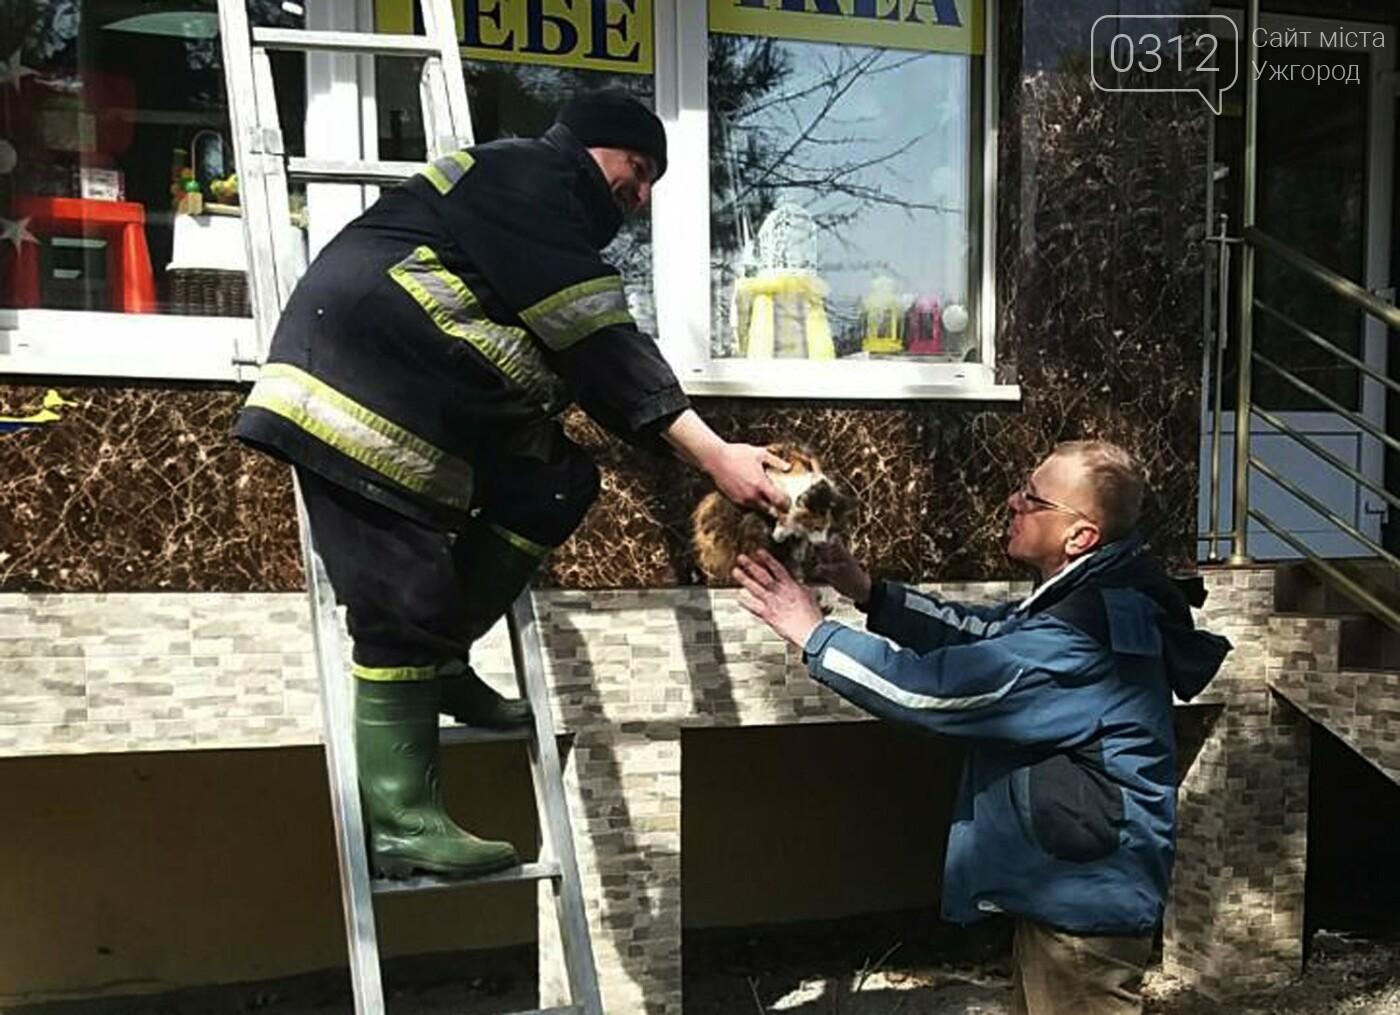 В Ужгороді рятувальники дістали з даху магазину 2-х котів, один з яких незрячий, що випали з третього поверху (ФОТО), фото-3